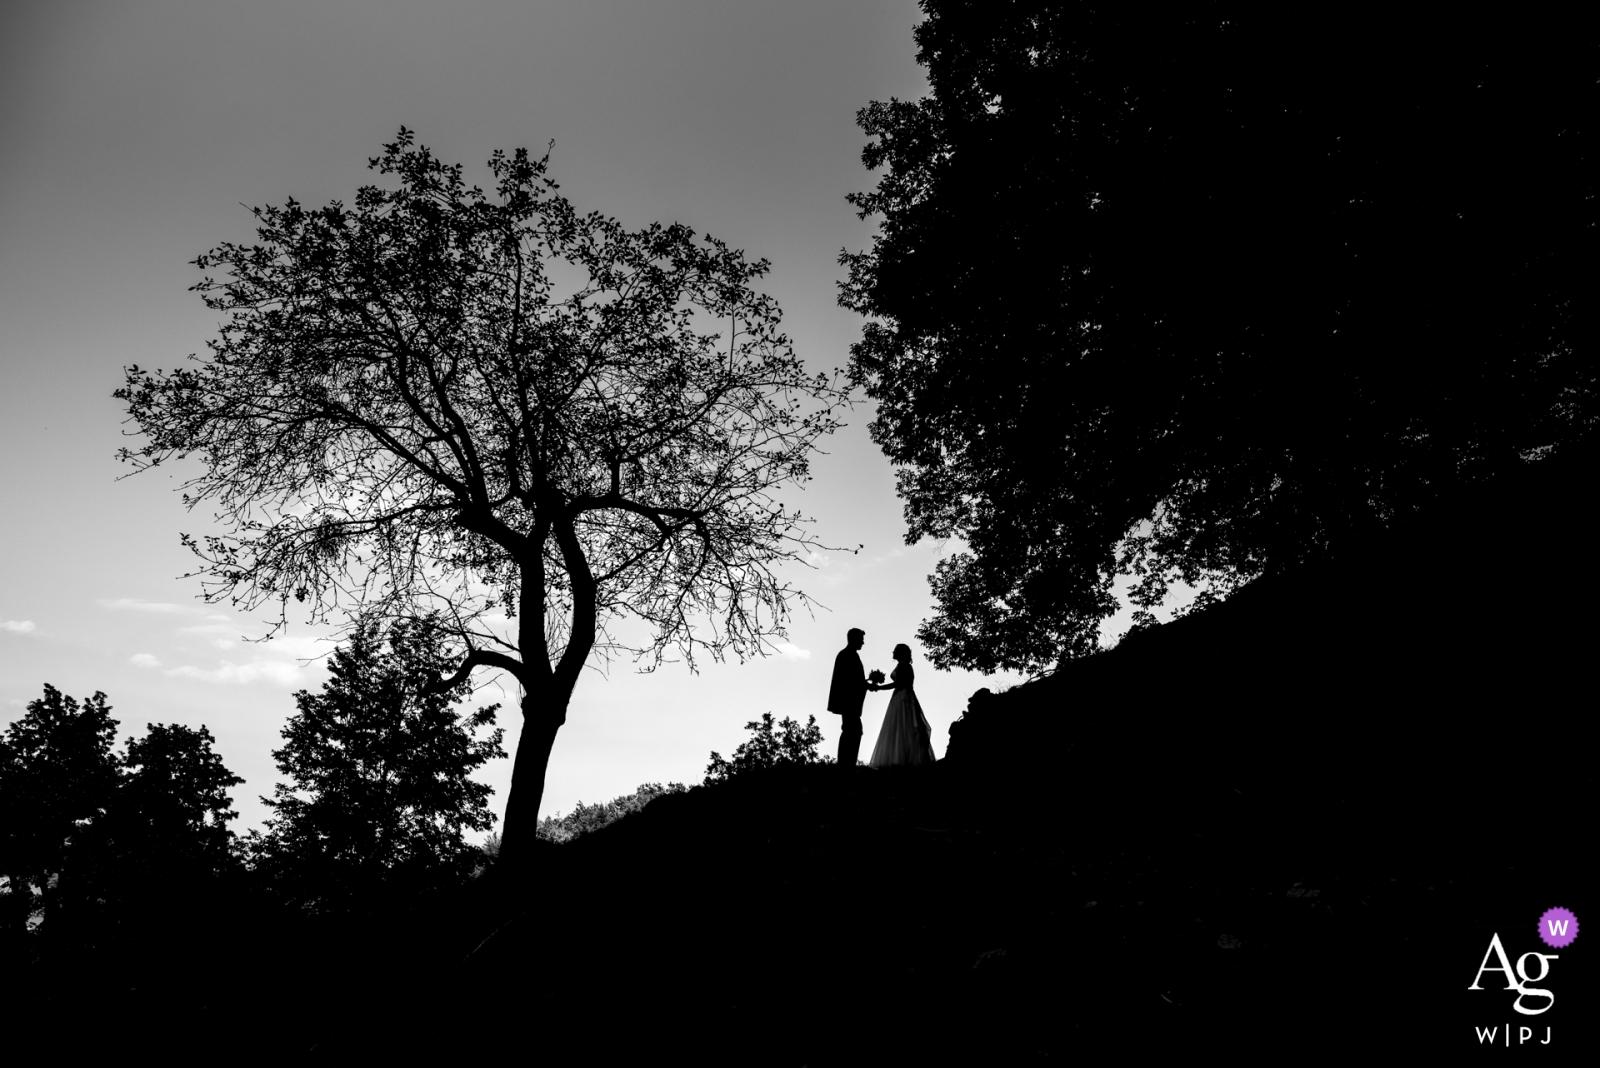 Jelenov Greben, Slovénie portrait en silhouette noir et blanc de la mariée et du marié avec des arbres